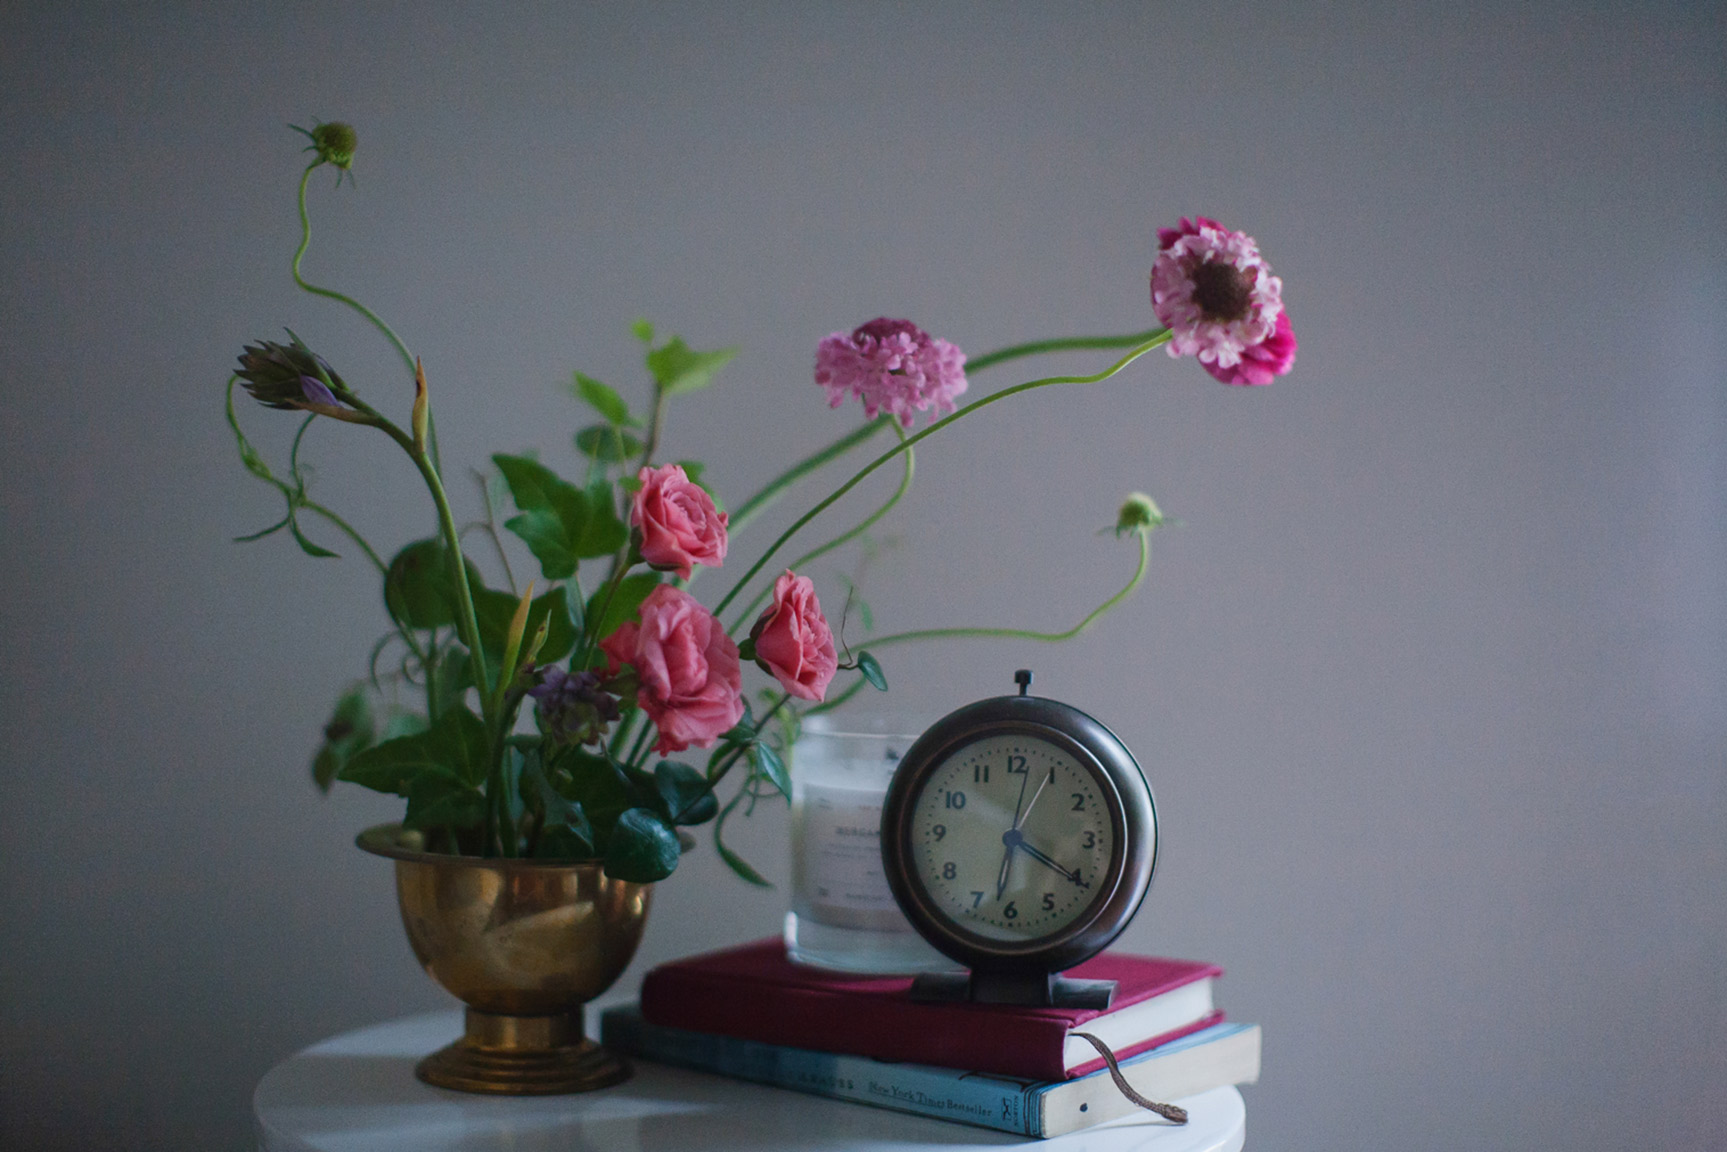 bloom001.jpg